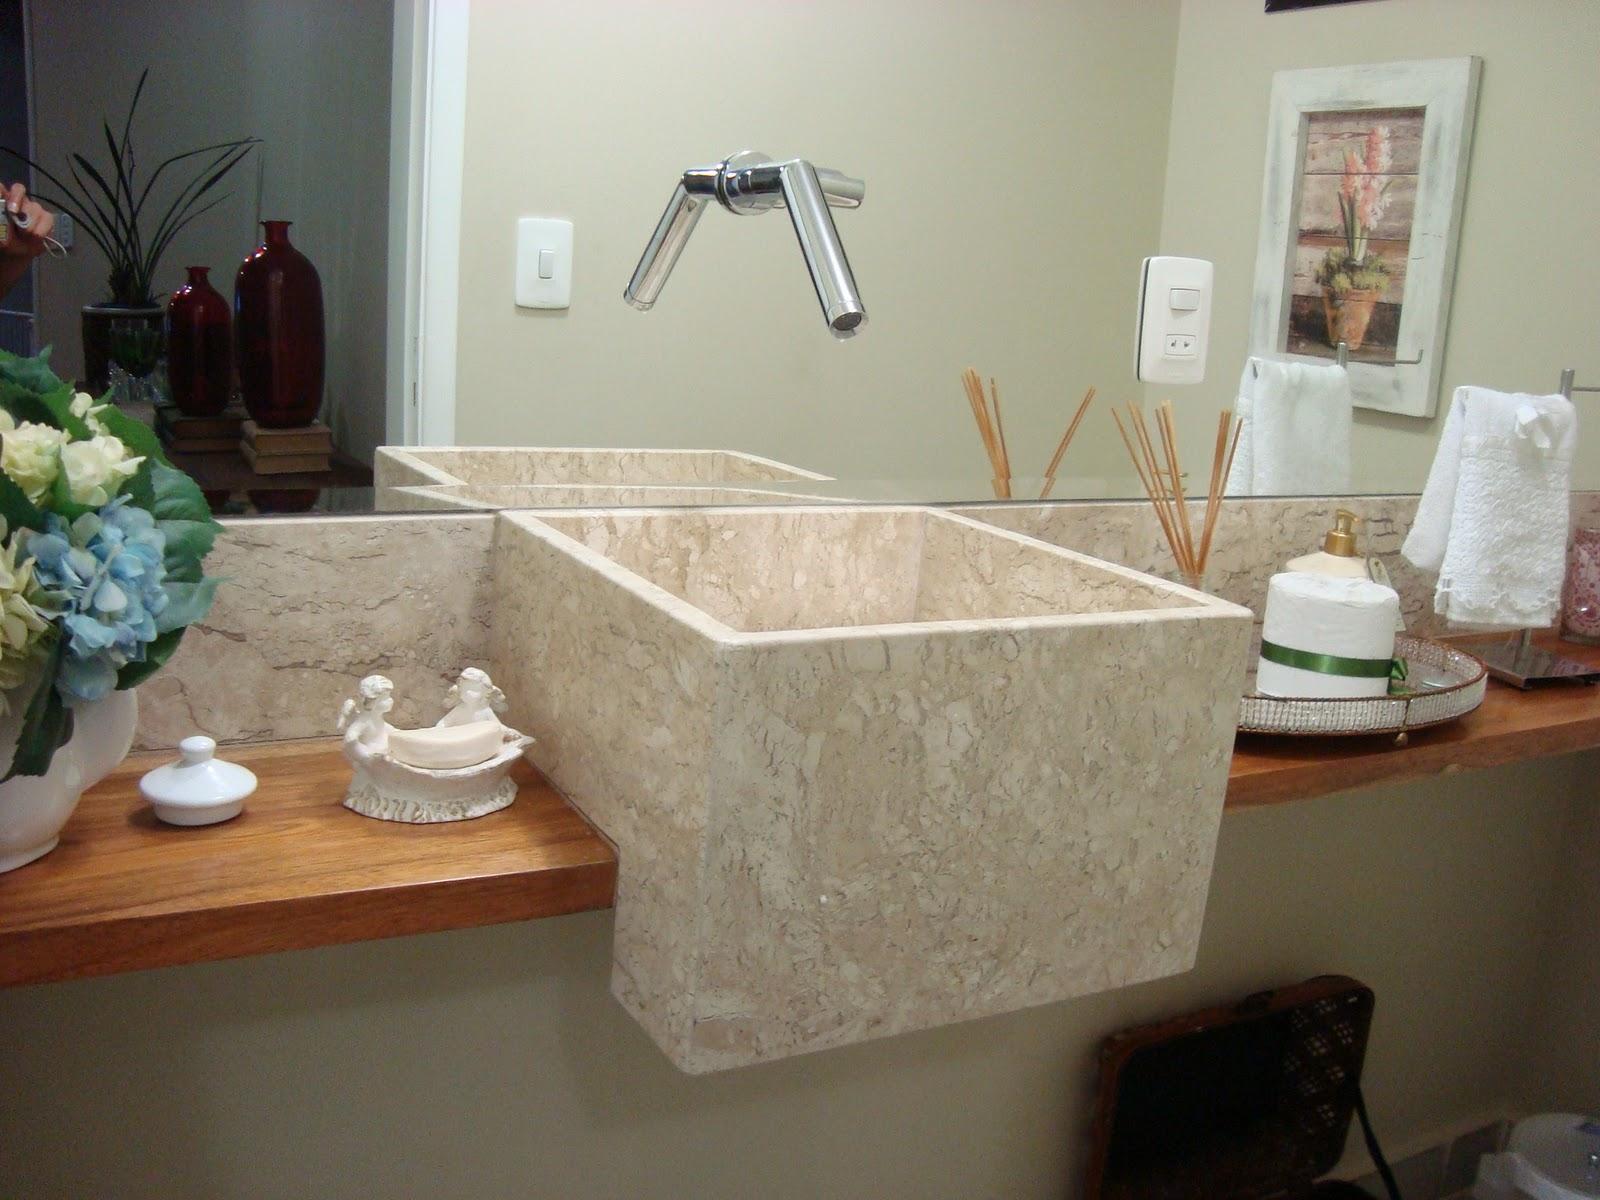 detalhe da bancada de madeira e cuba em mármore travertino nacional #61442F 1600x1200 Banheiro Com Bancada De Marmore Travertino